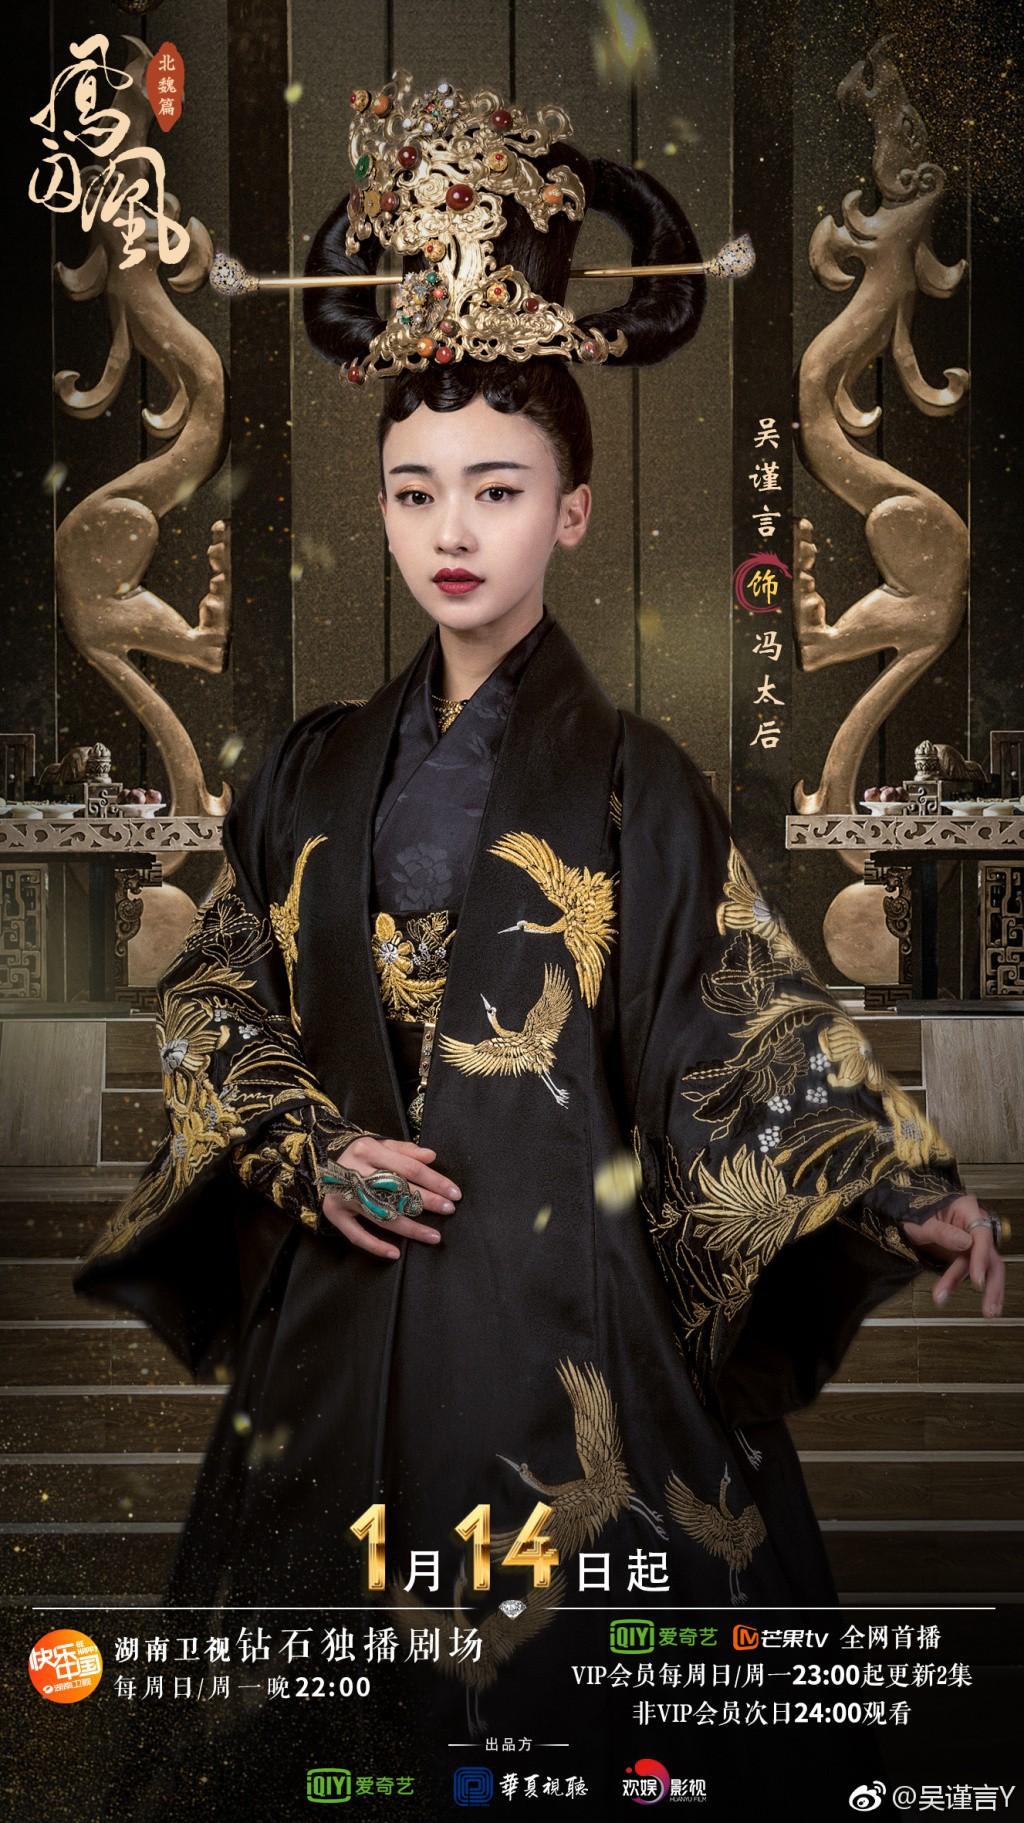 Cận cảnh nhan sắc đẹp - độc - lạ của Ngụy Anh Lạc Ngô Cẩn Ngôn trong drama hot 100 độ Diên Hi Công Lược - Ảnh 5.